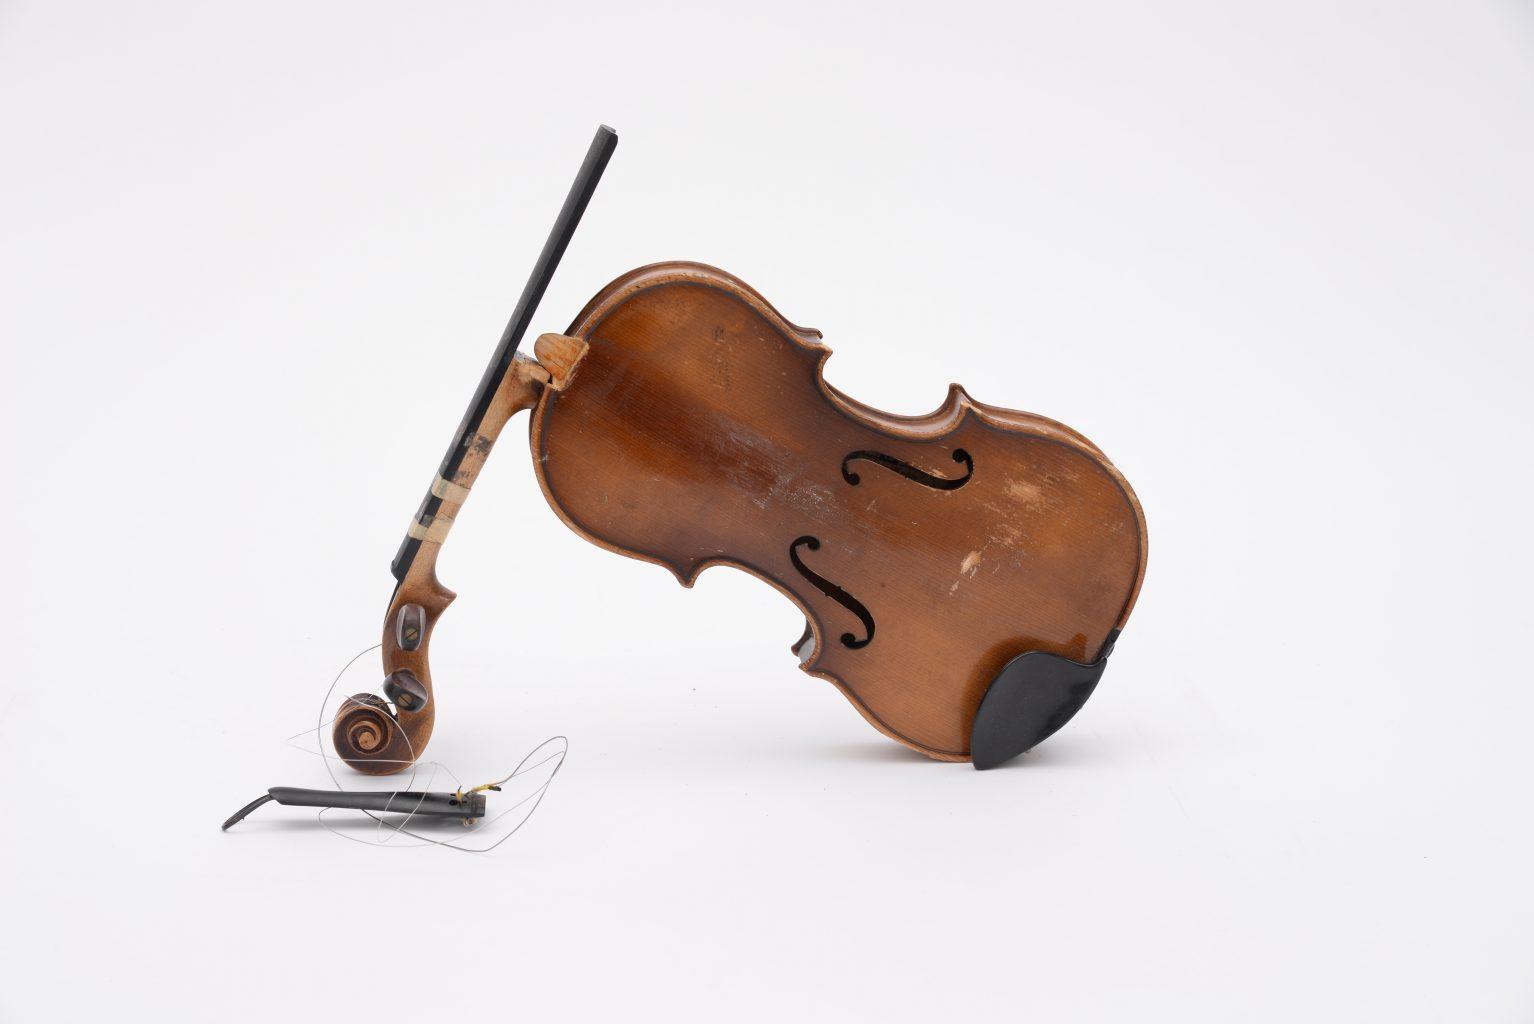 Image: A broken violin